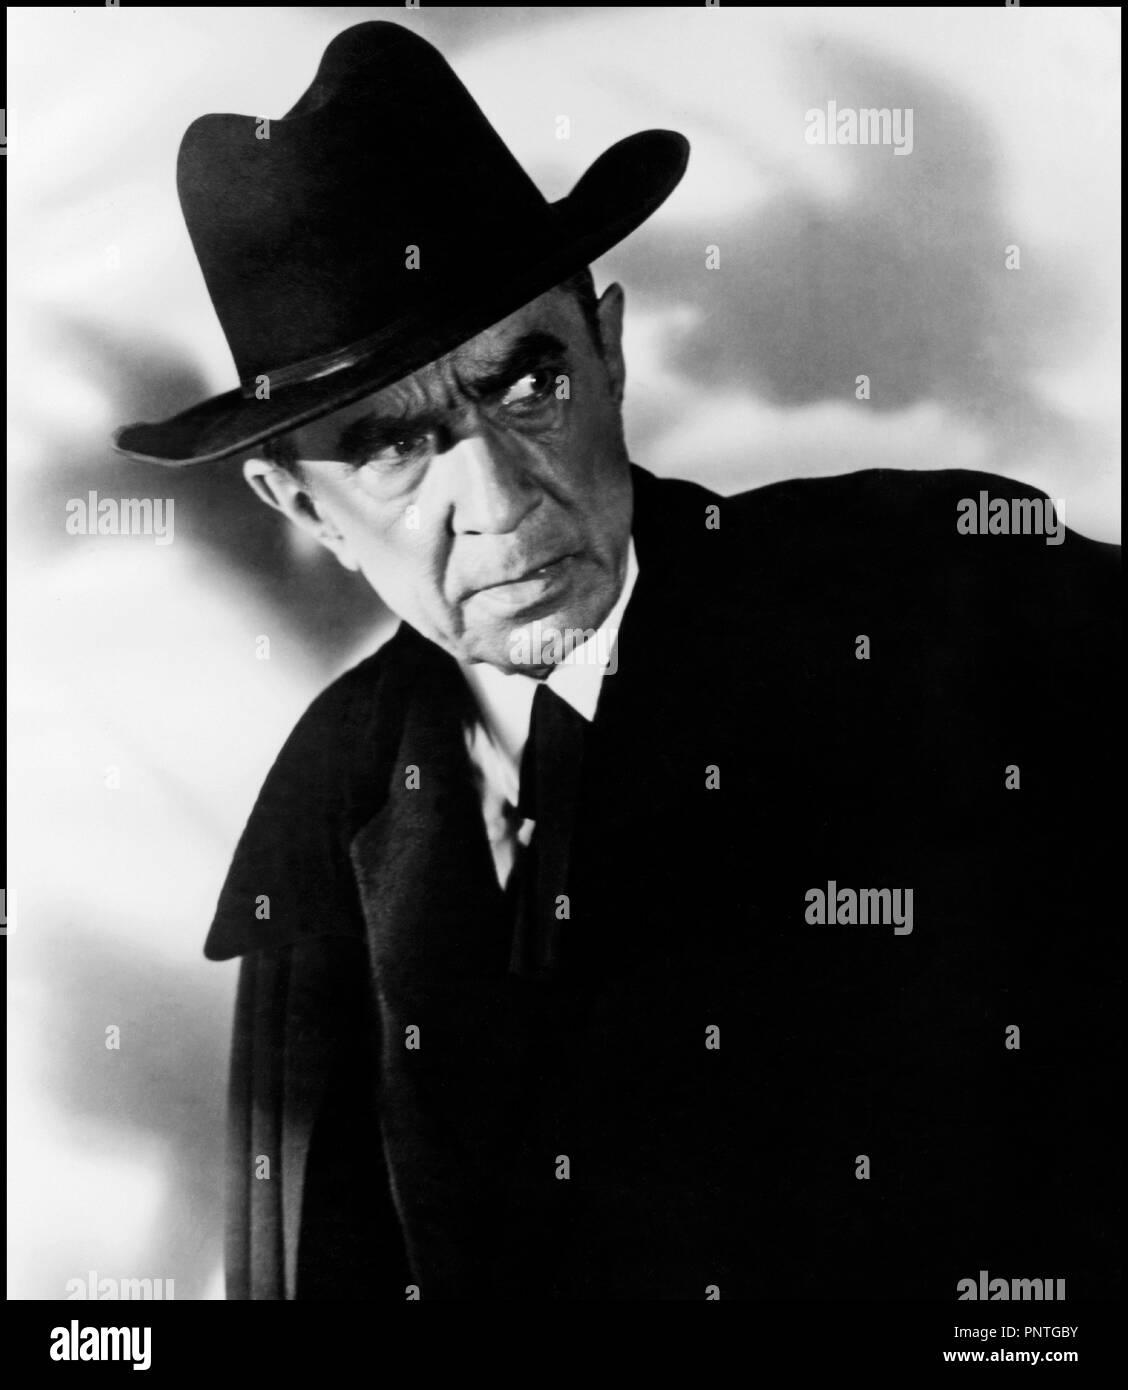 Prod DB © Reynolds Pictures / DR PLAN 9 FROM OUTER SPACE de Ed Wood 1958 USA avec Bela Lugosi science-fiction, classique de la serie B, portrait, chapeau, inquietant réalisateur: Edward D. Wood Jr - Stock Image